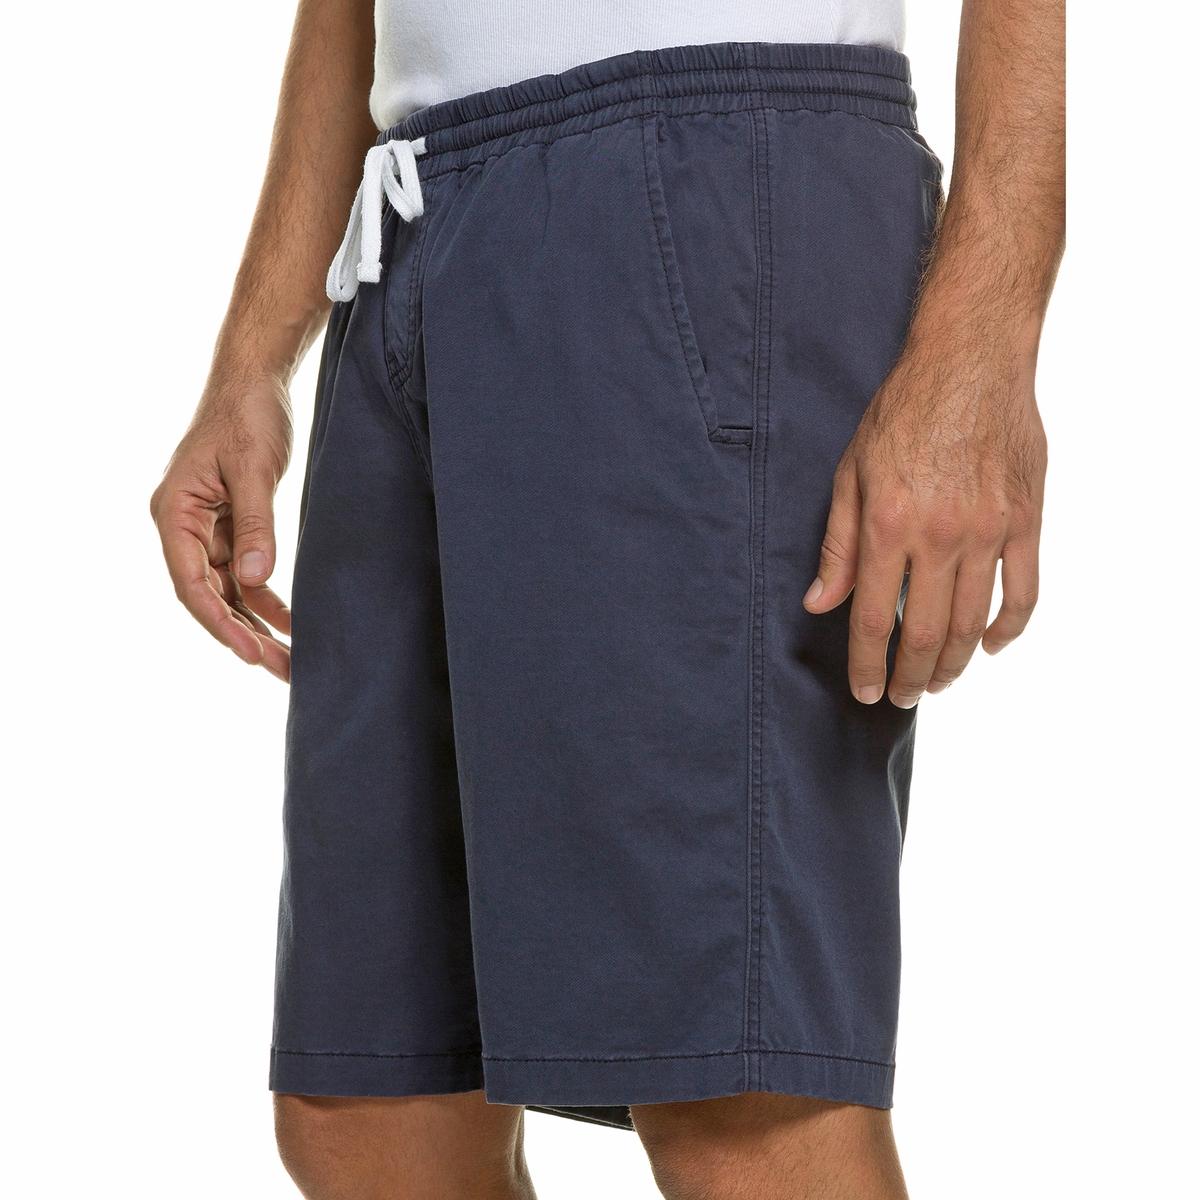 БермудыБермуды без застежки JP1880, с эластичным поясом с завязками. 3 кармана. Прямой покрой, слегка заниженная талия, зауженные бедра и брючины. 98% хлопка, 2% эластана. Длина по внутр.шву 26-33 см<br><br>Цвет: синий